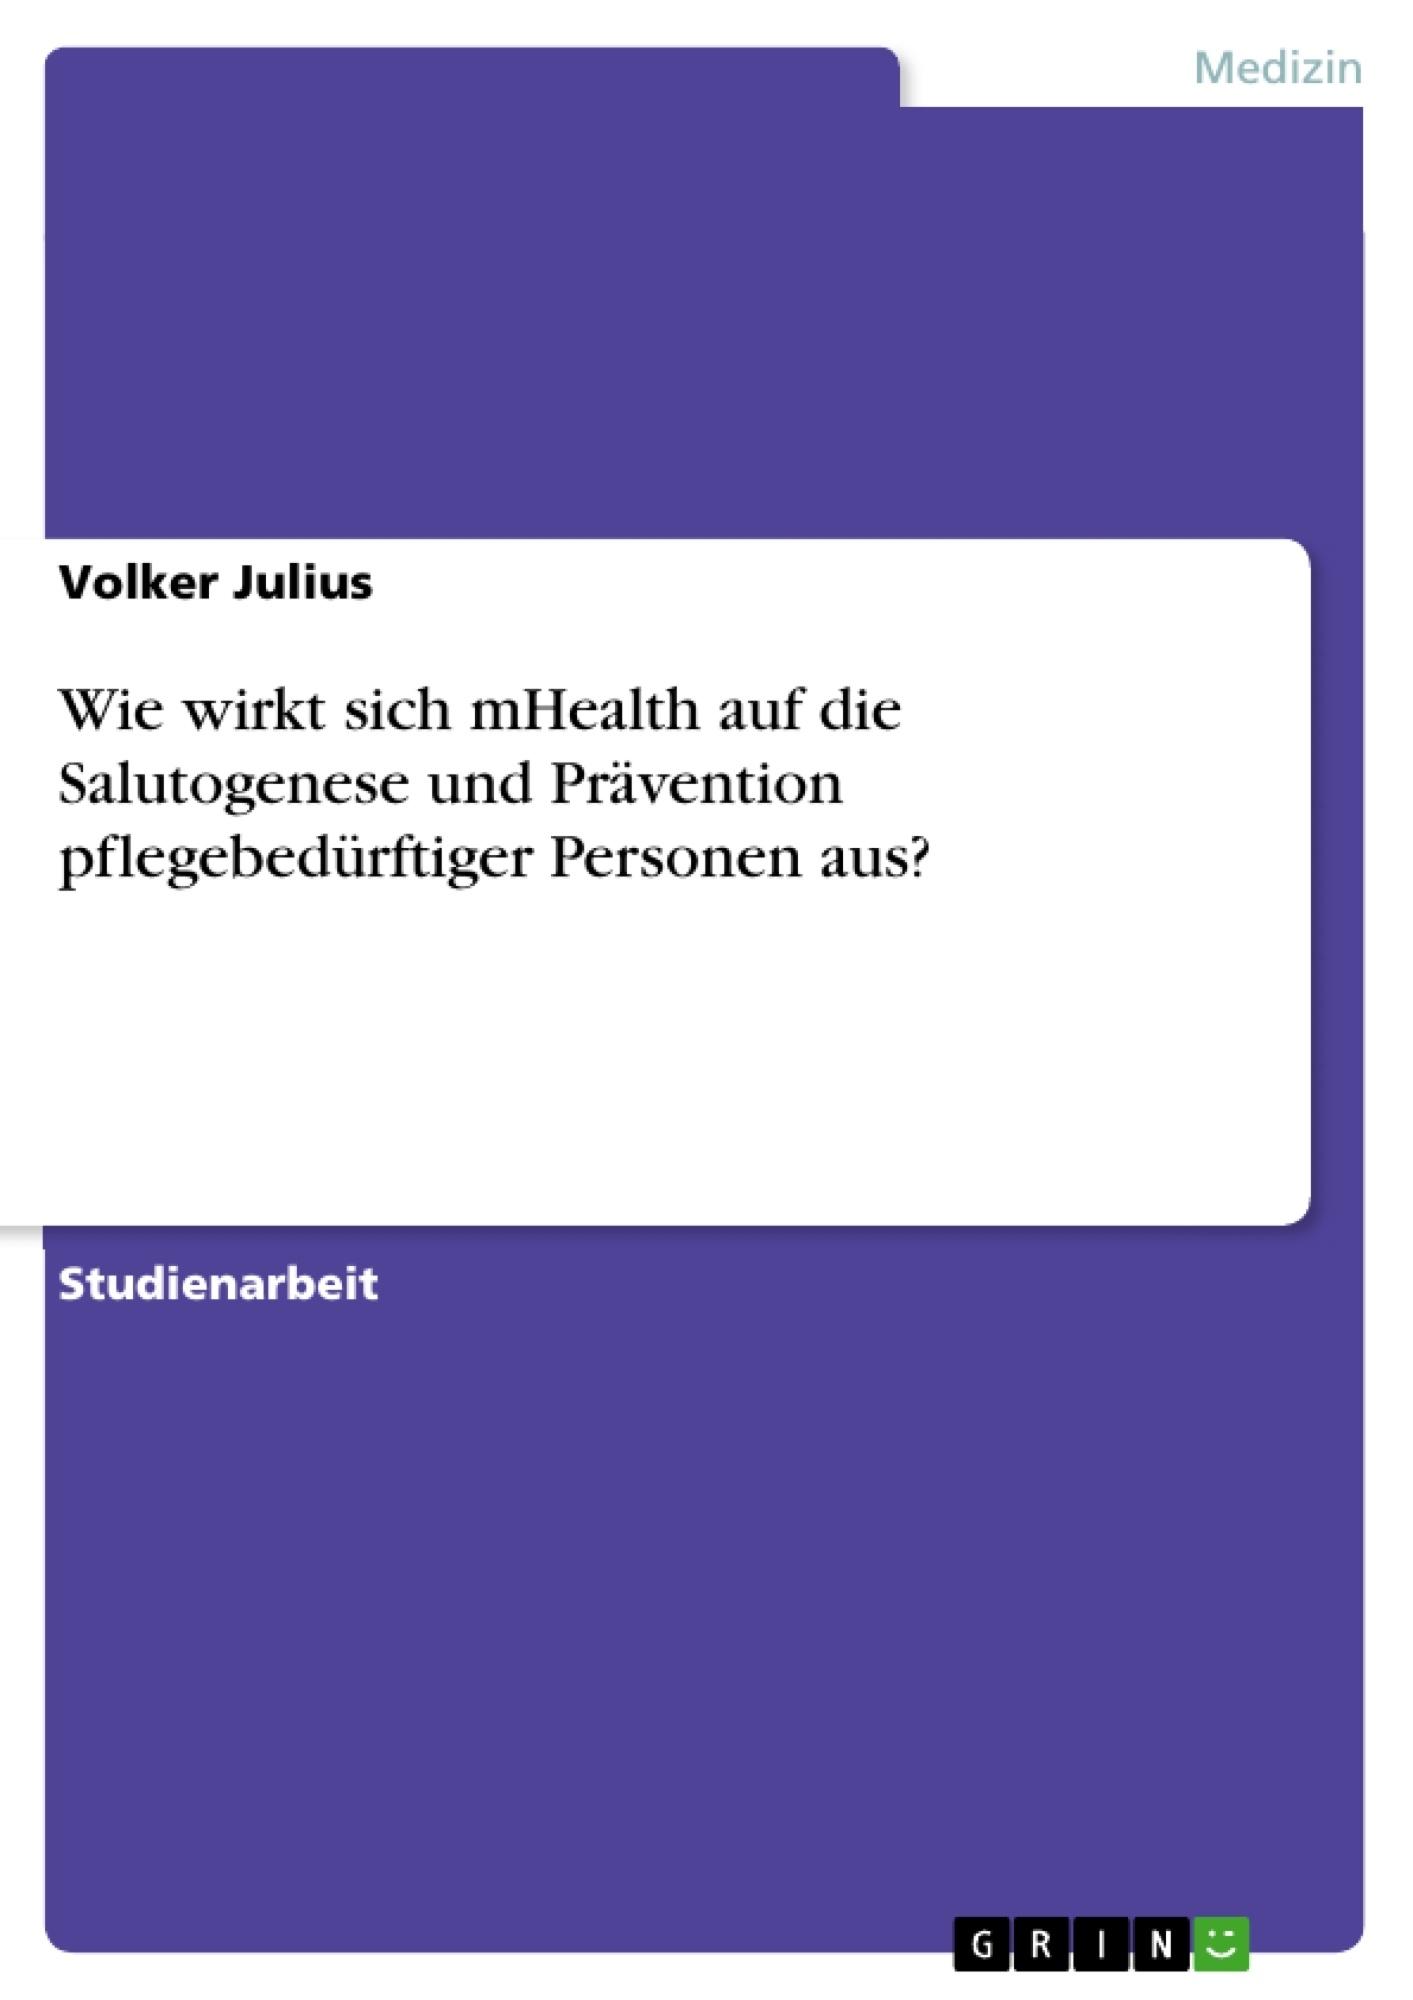 Titel: Wie wirkt sich mHealth auf die Salutogenese und Prävention pflegebedürftiger Personen aus?